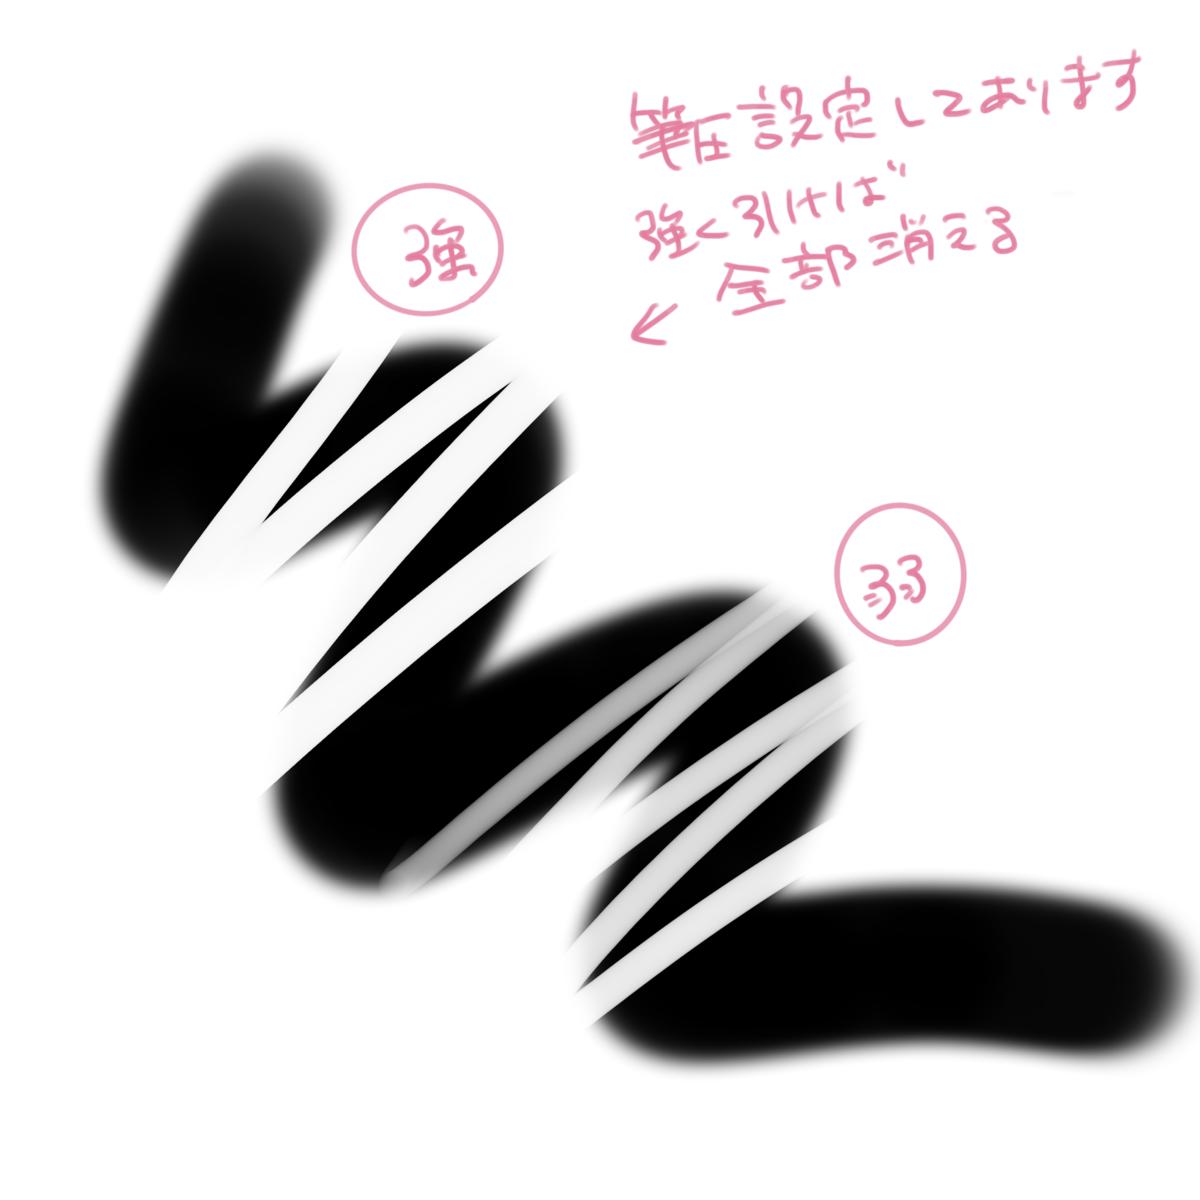 f:id:harucu_te:20210329161433p:plain